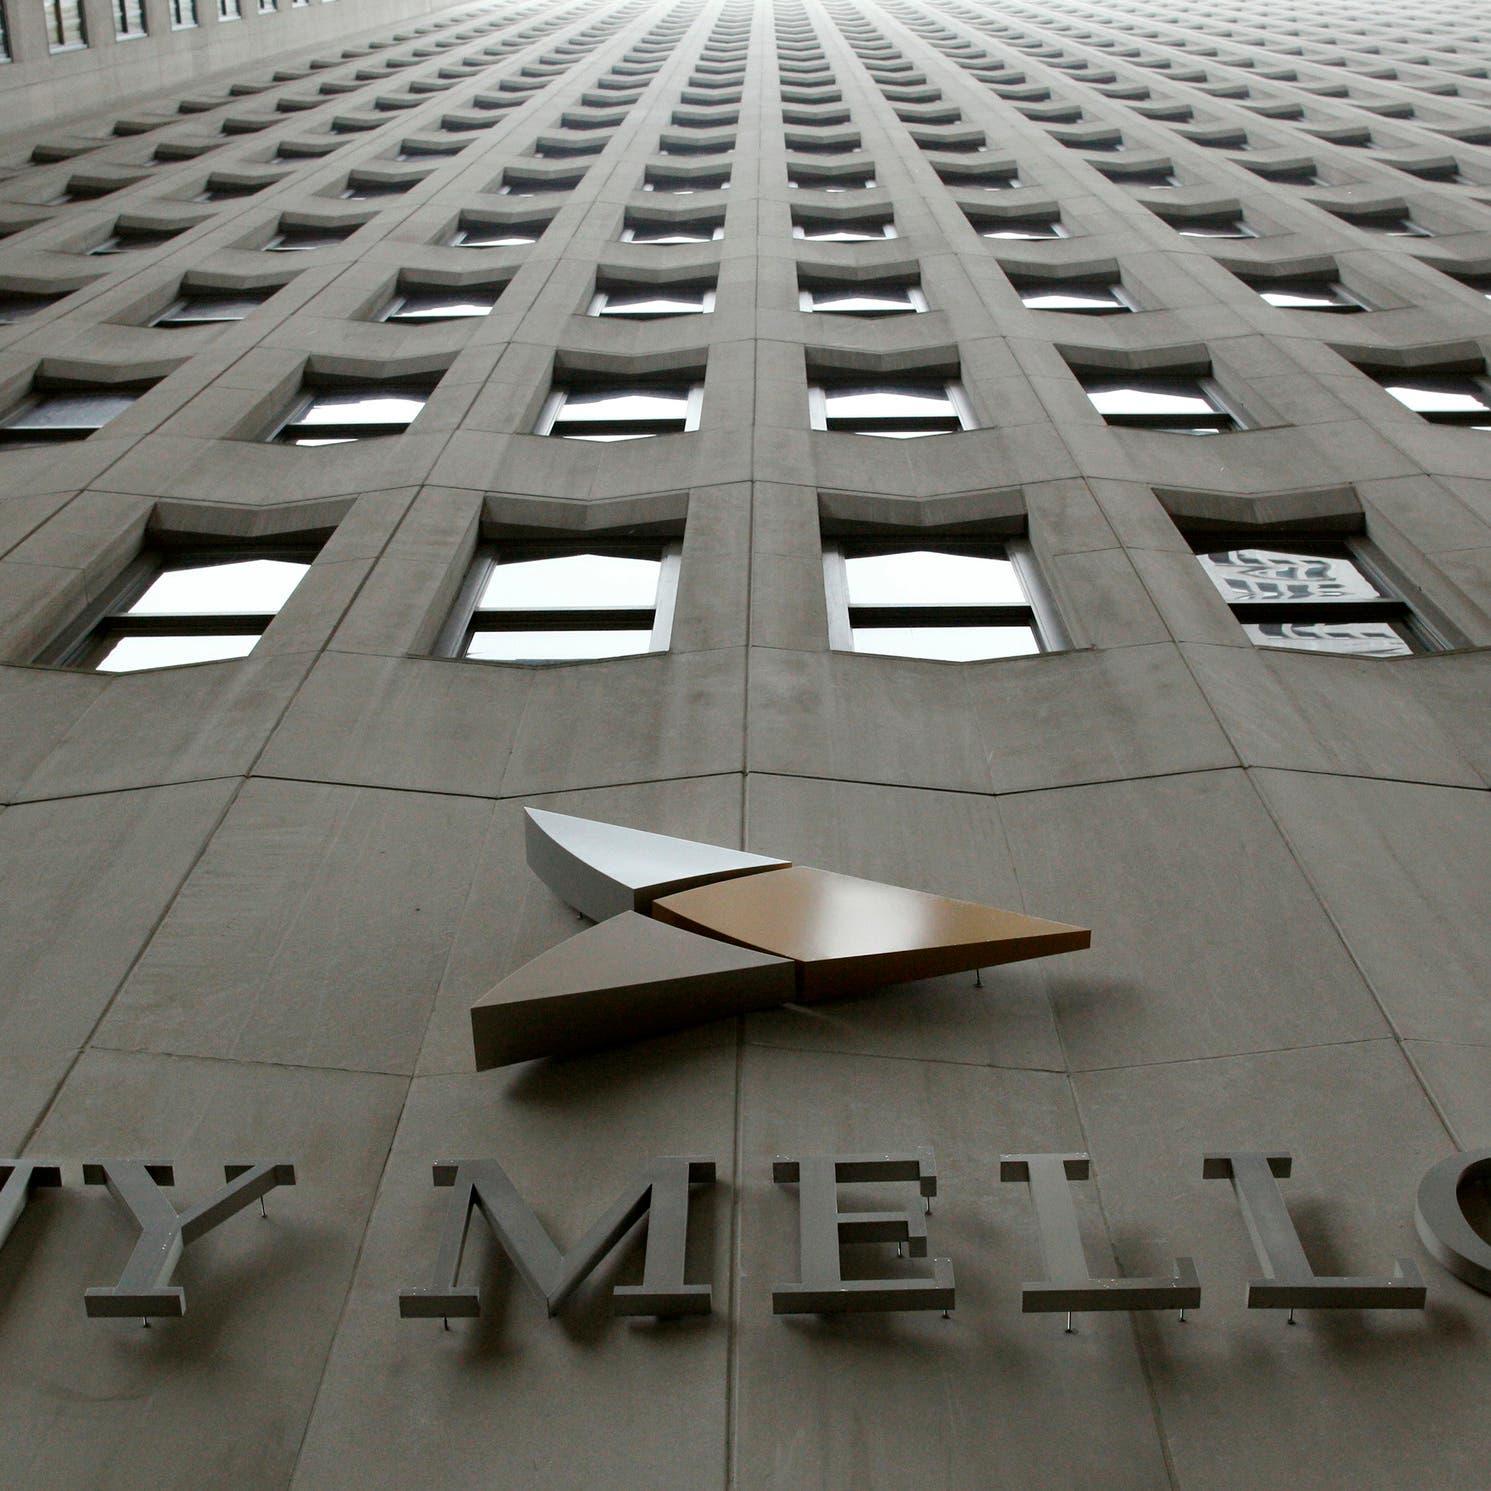 أقدم بنك أميركي يبدأ الأعمال المالية المتكاملة في السعودية